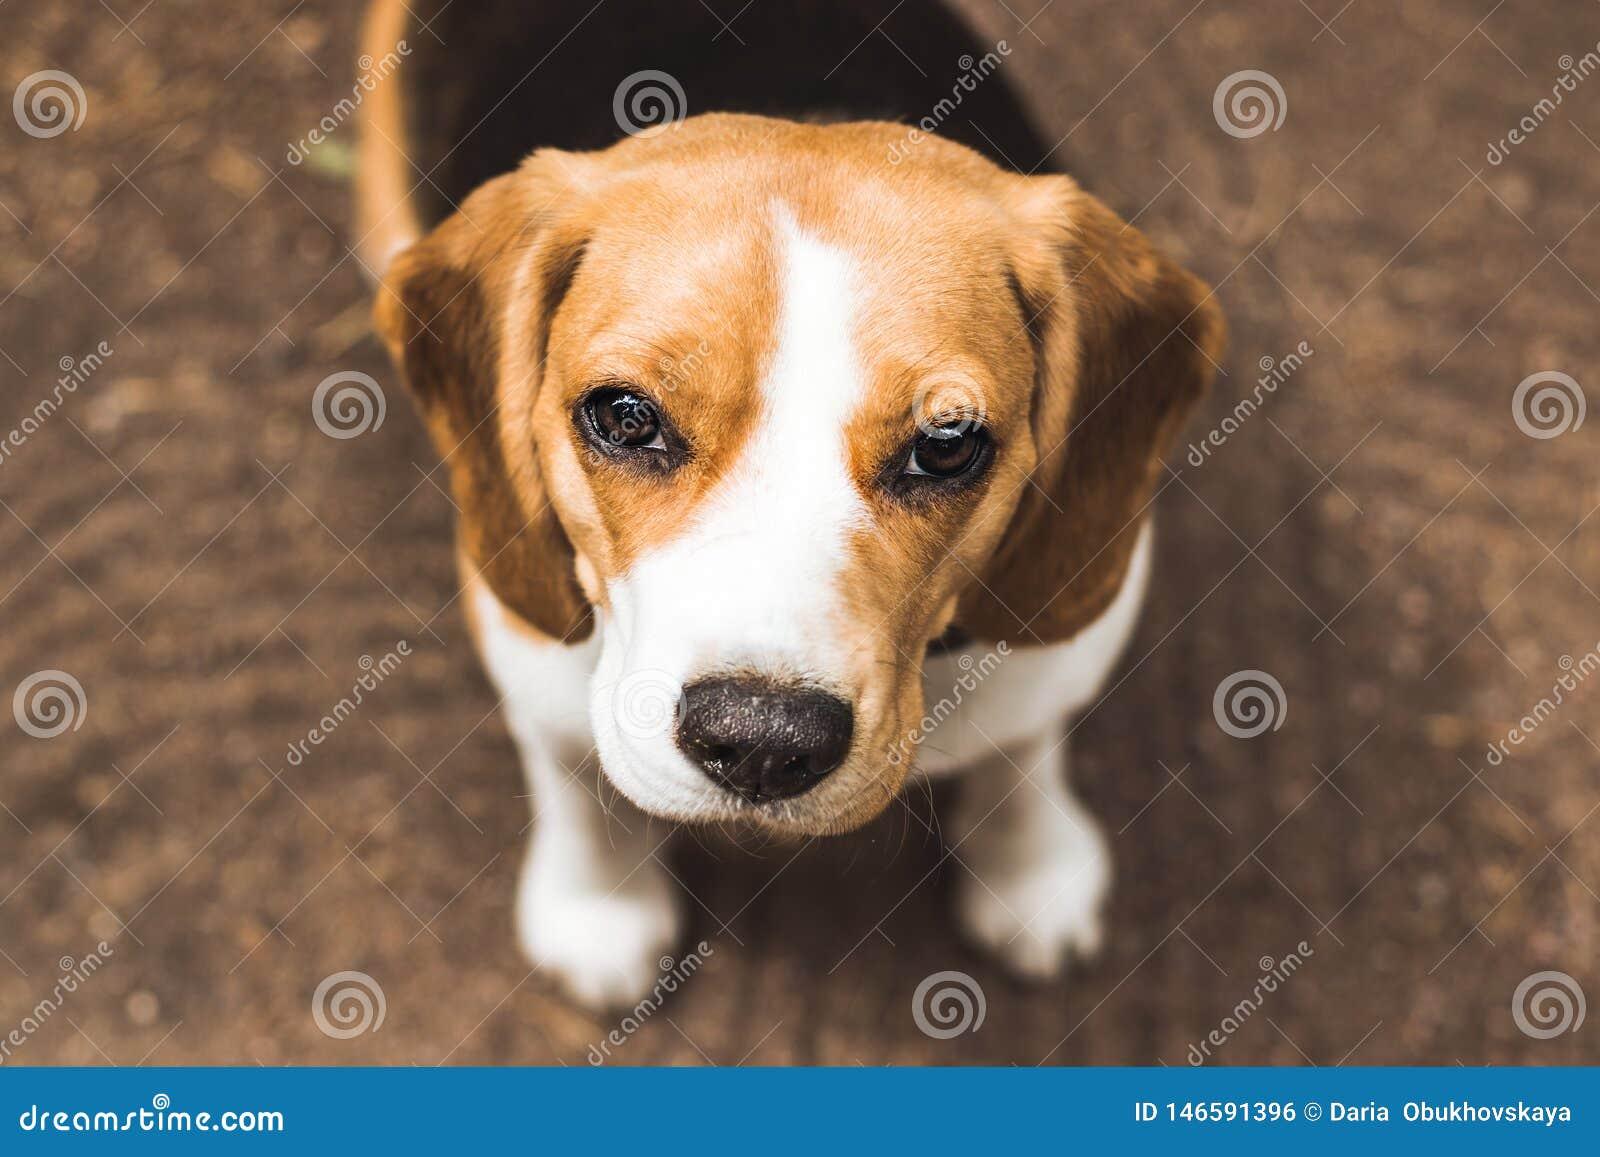 Pięknego beagle łowiecki pies z tłem z przestrzenią dla coś